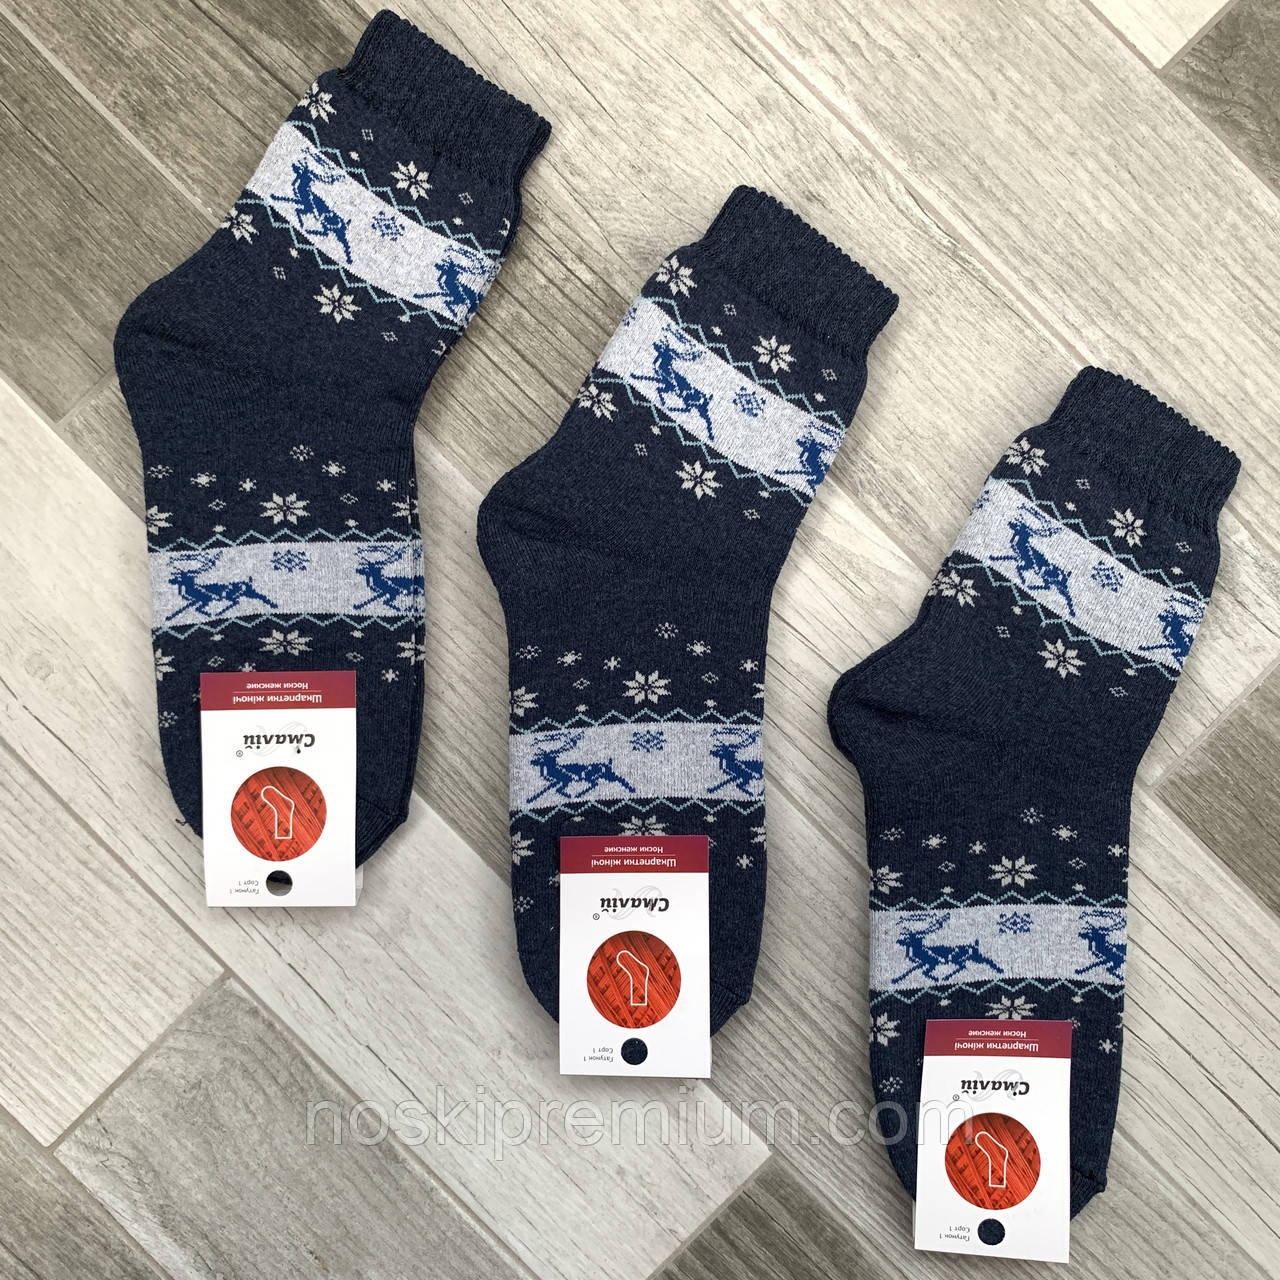 Носки женские махровые х/б Смалий, 23-25 размер, рисунок 73 - Норвежский узор, джинсовые